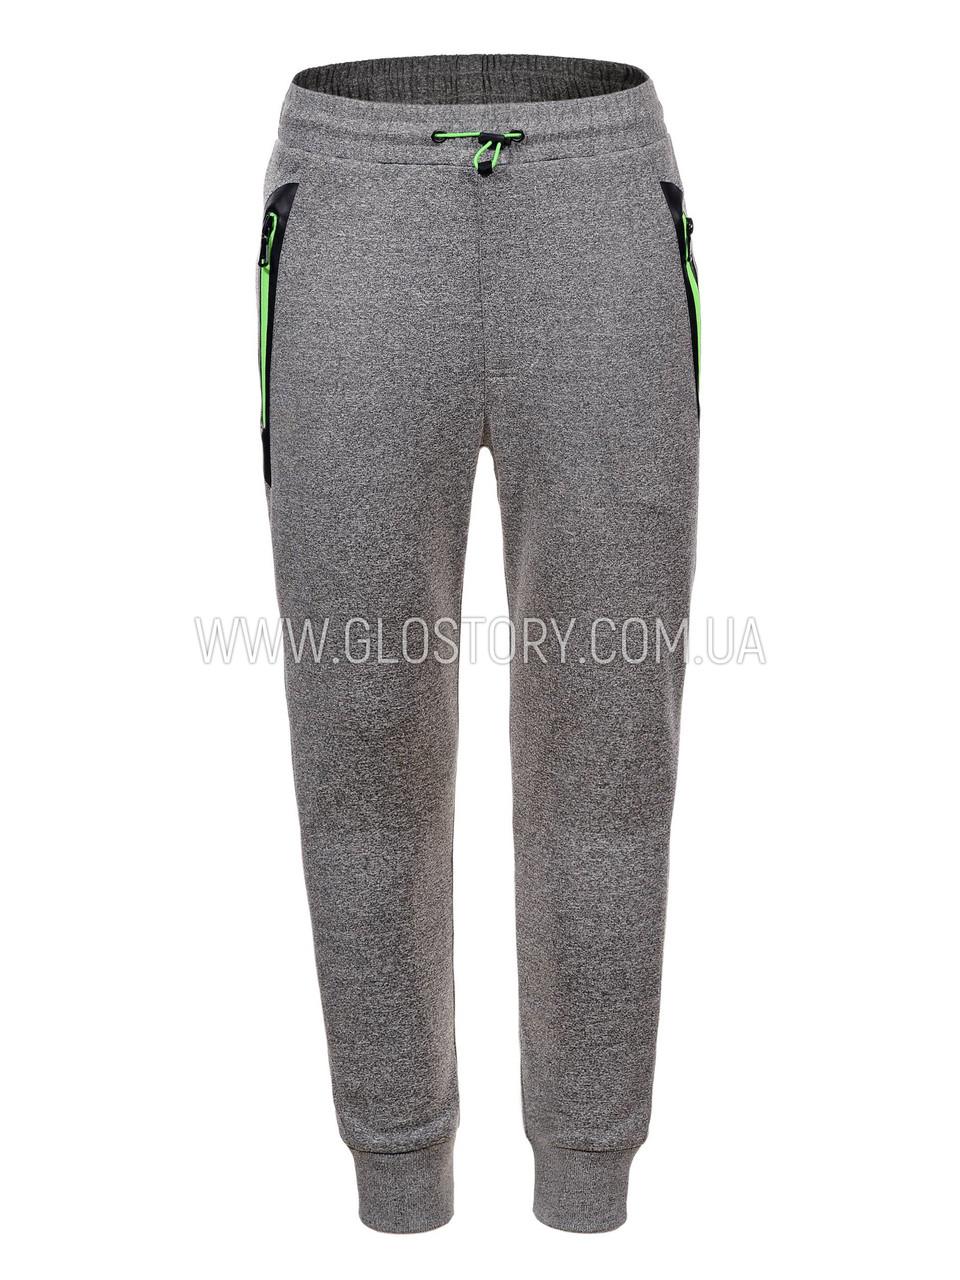 Спортивные штаны для мальчика Glo-Story